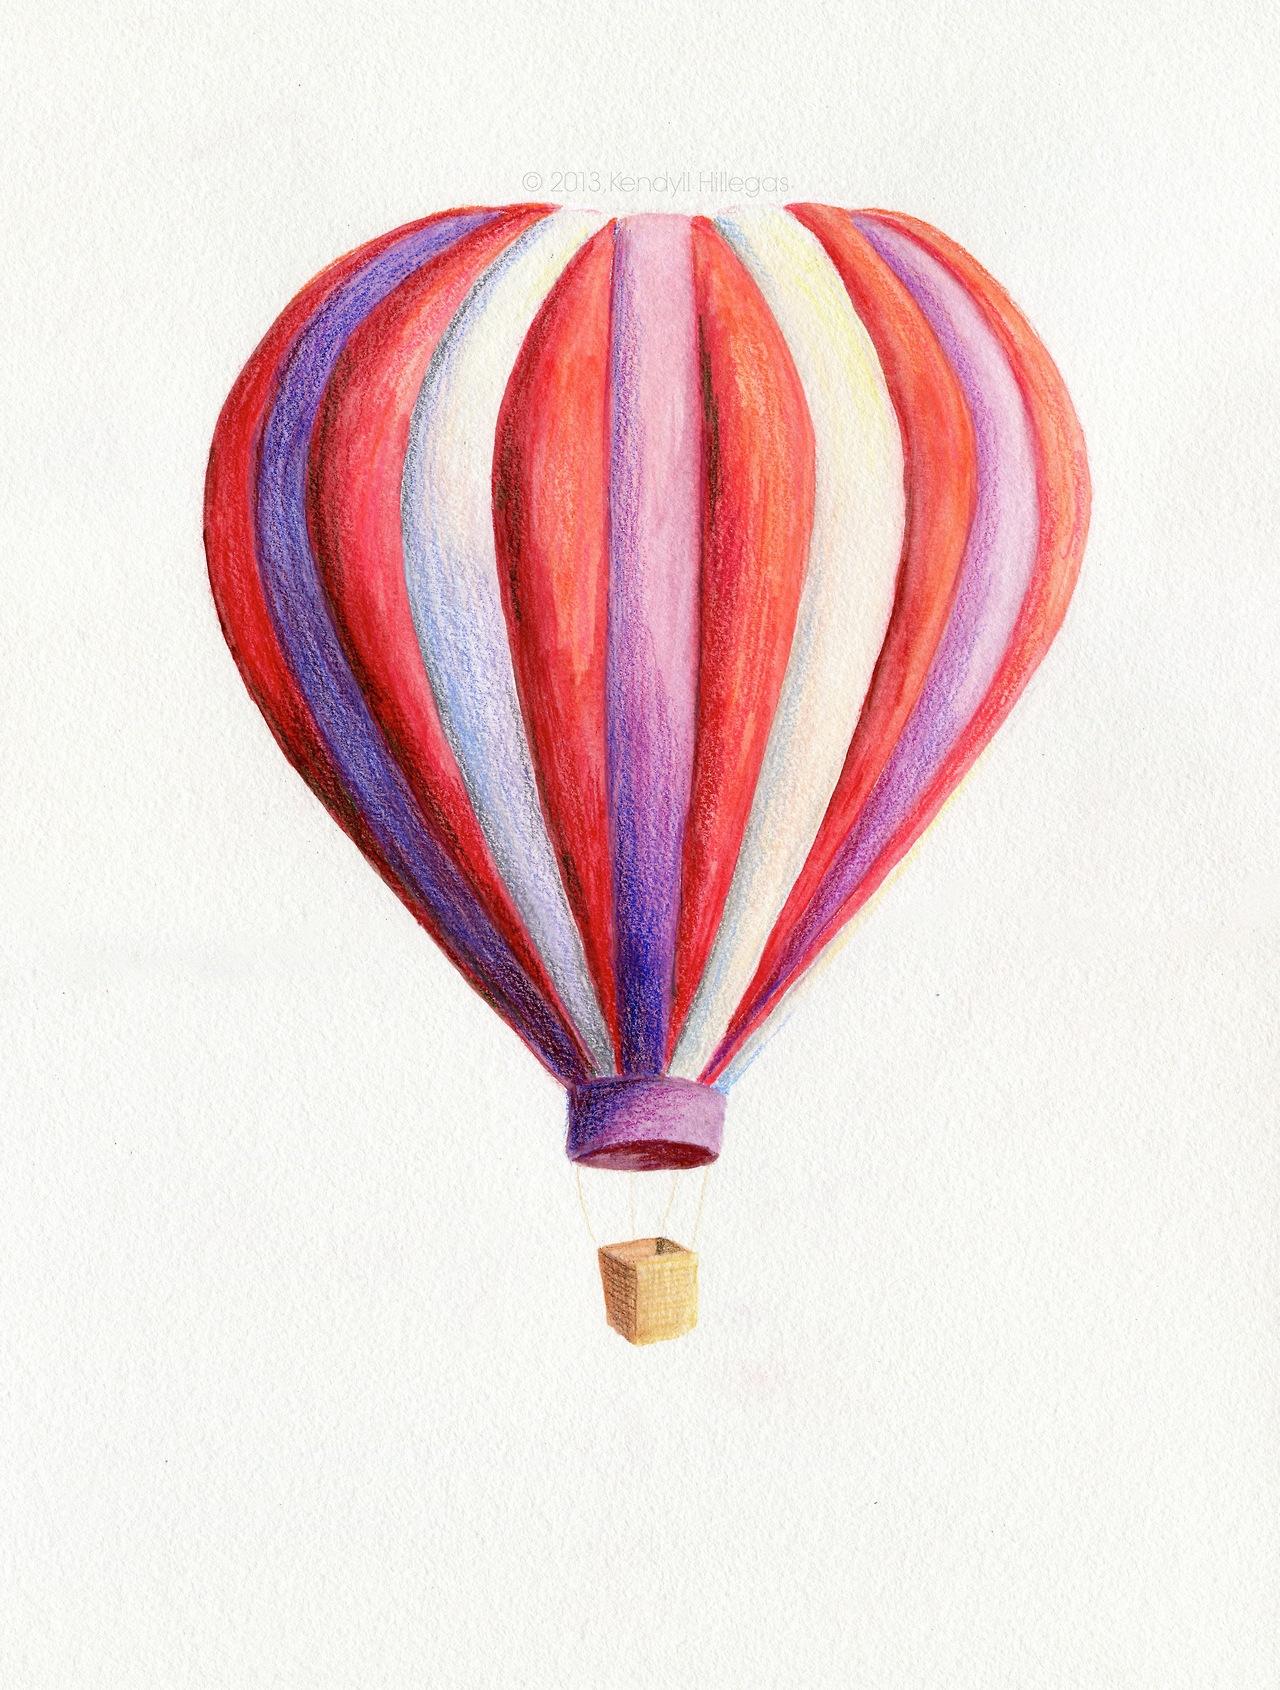 1280x1690 Drawn hot air balloon drawing